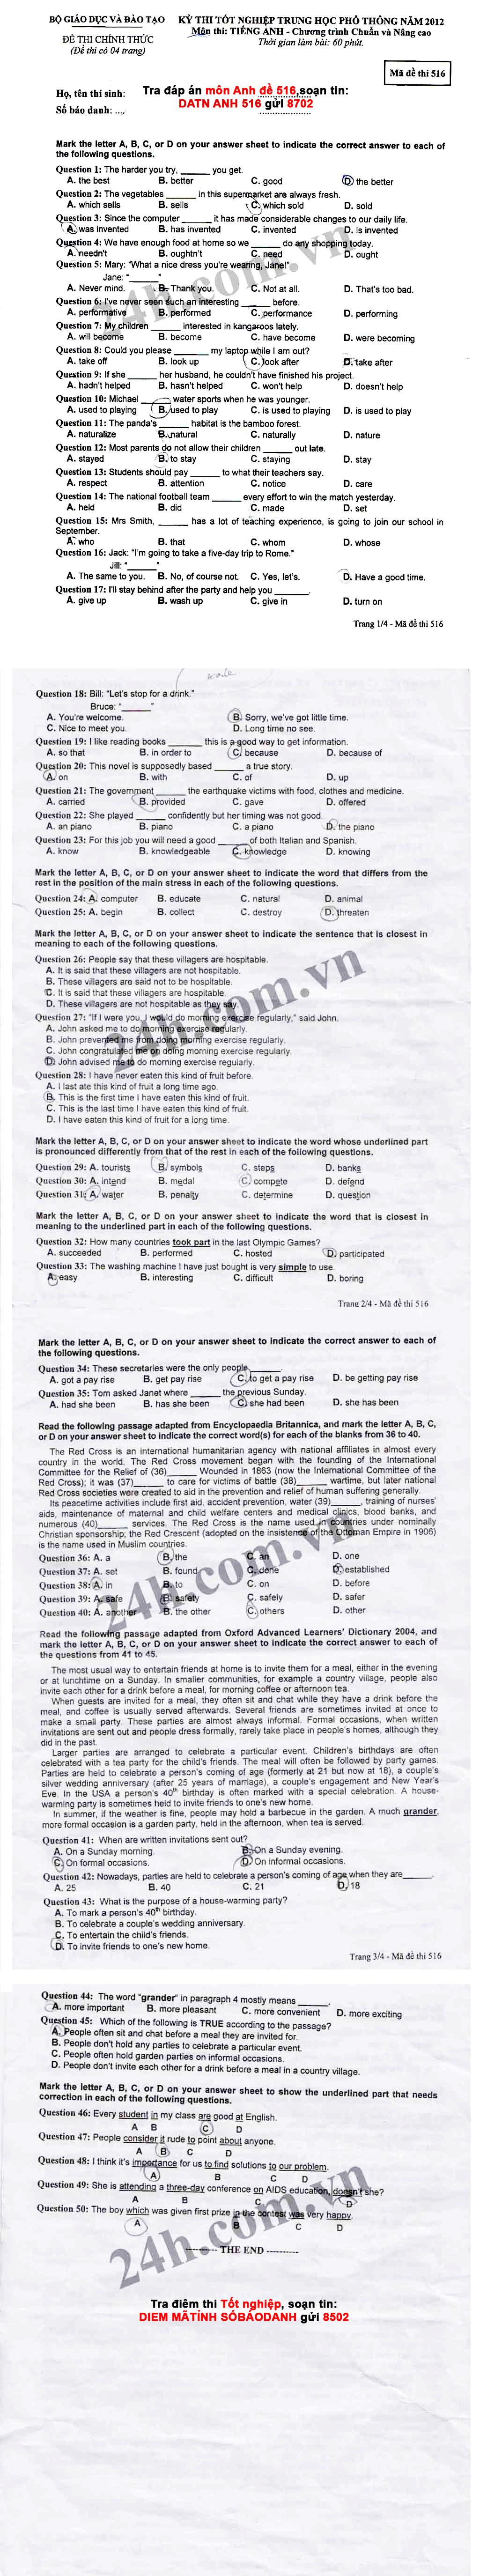 Đề thi Đáp án THPT năm 2012 1338803351_anh-516-longdv